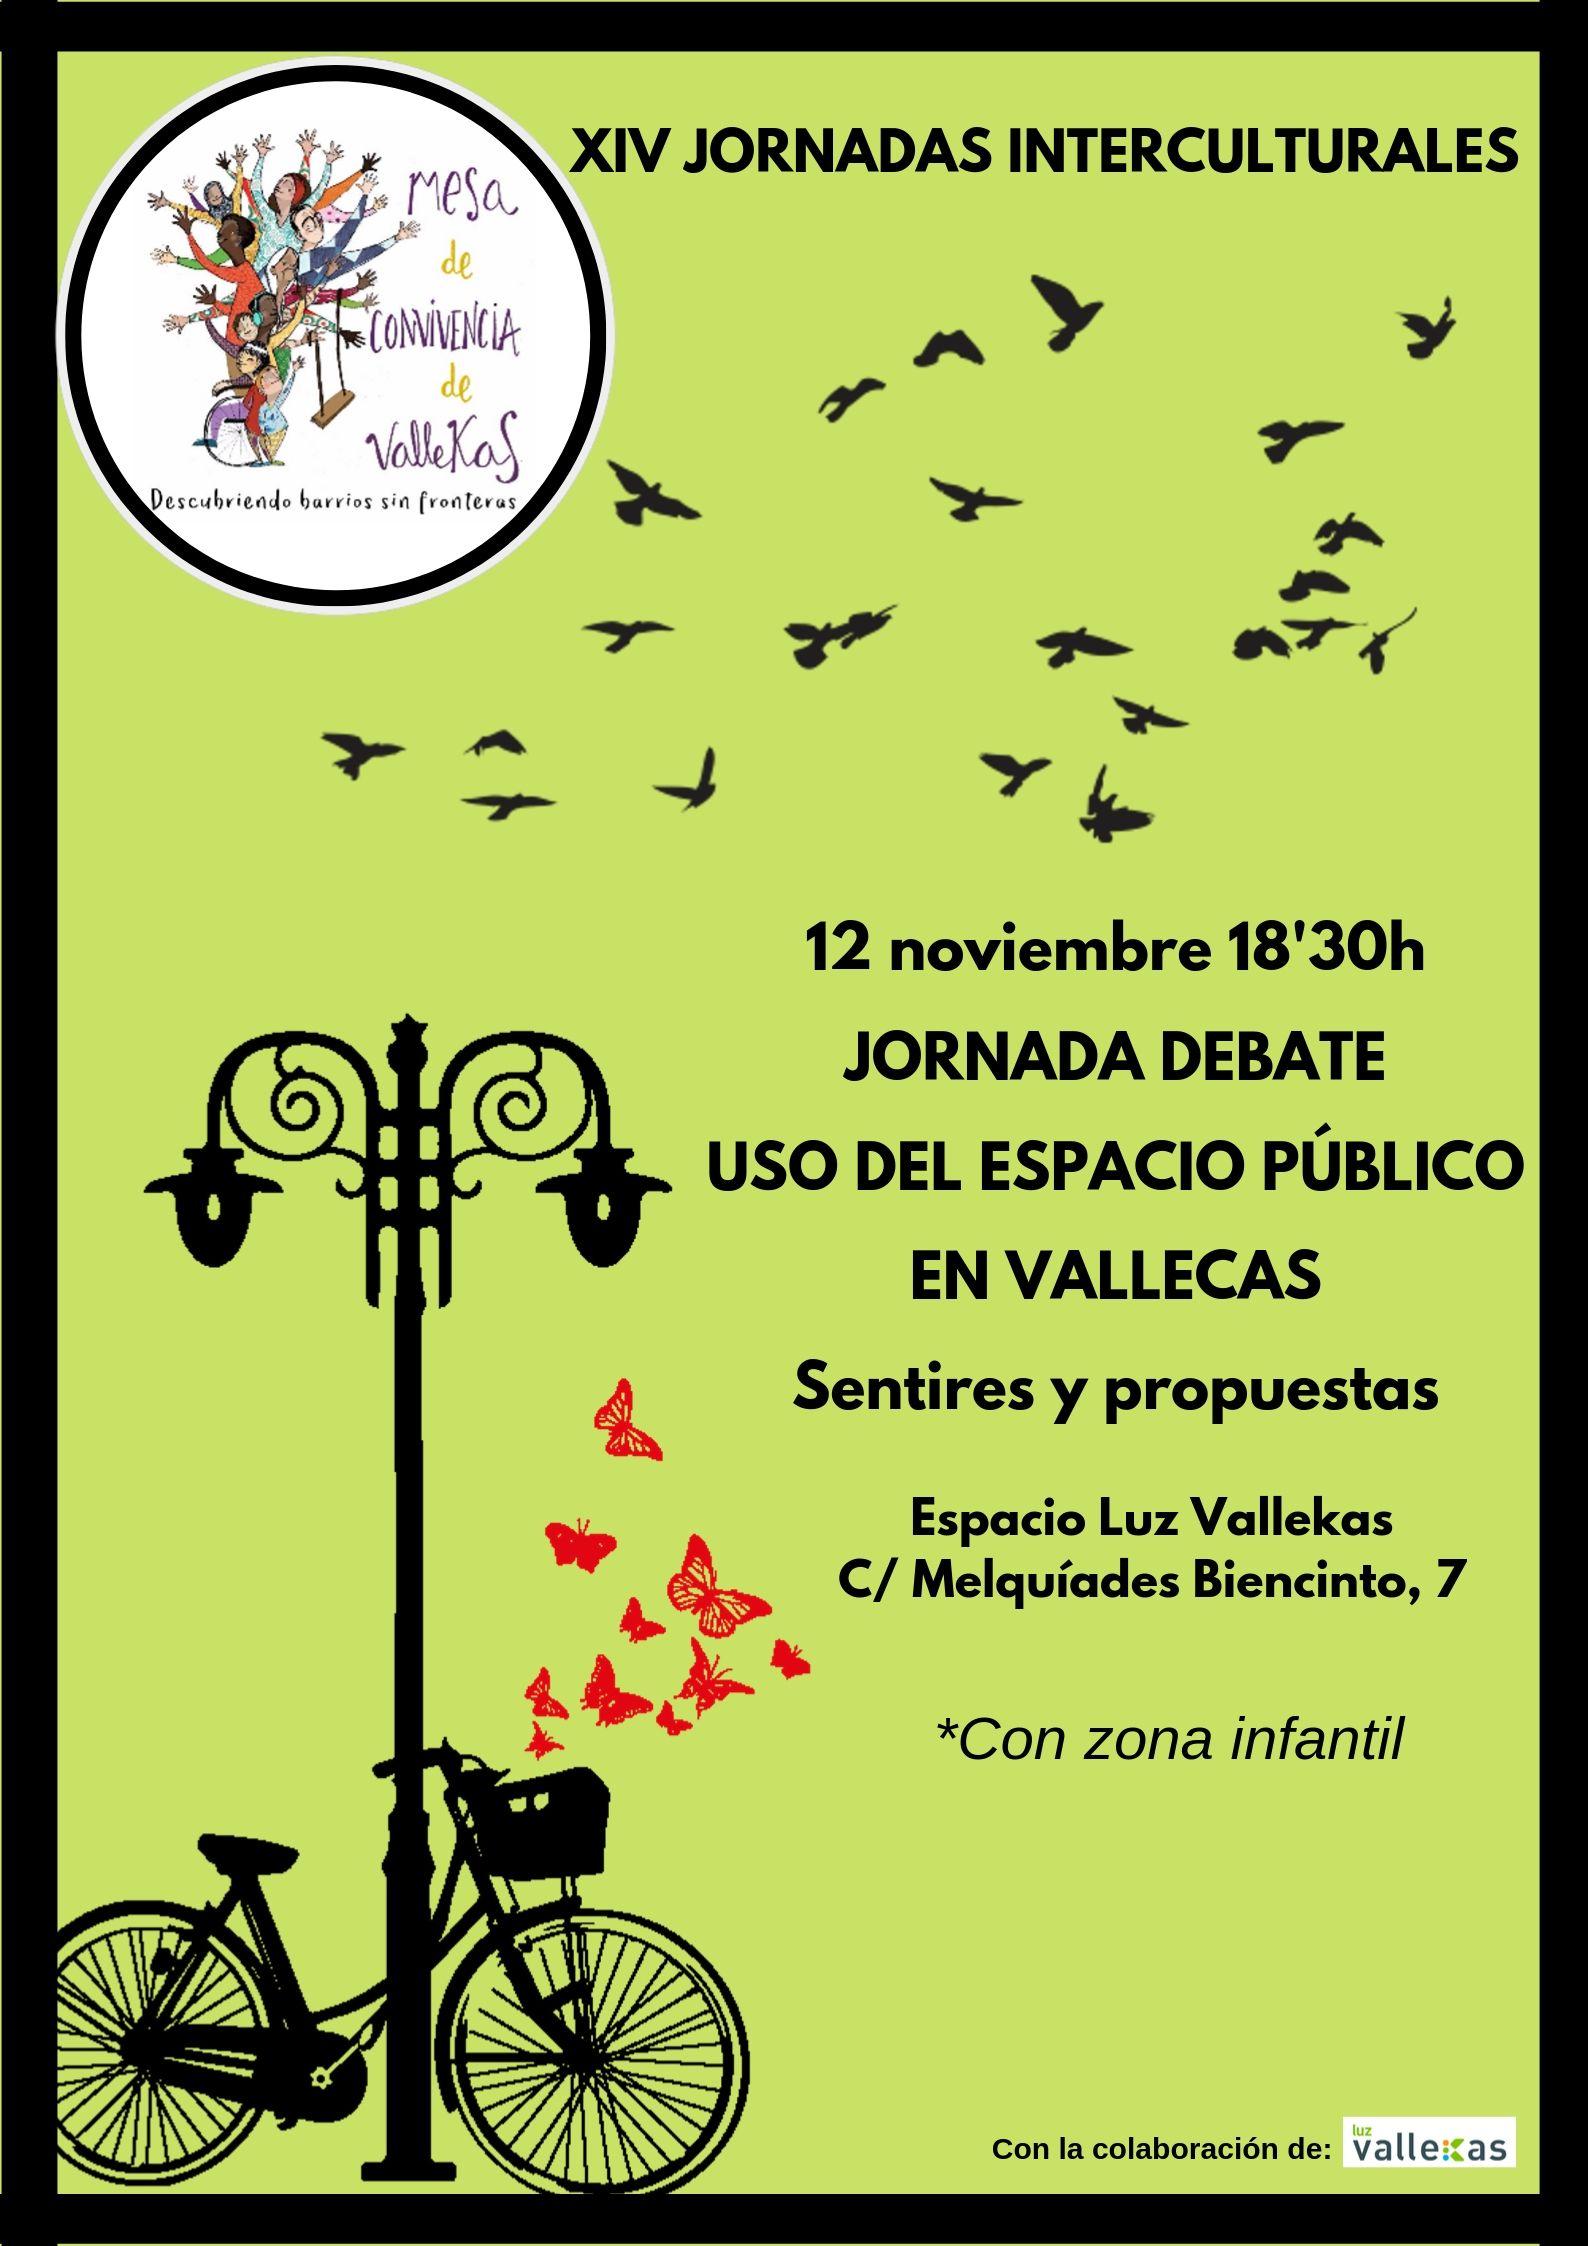 Jornadas interculturales_espacios públicos Vallecas